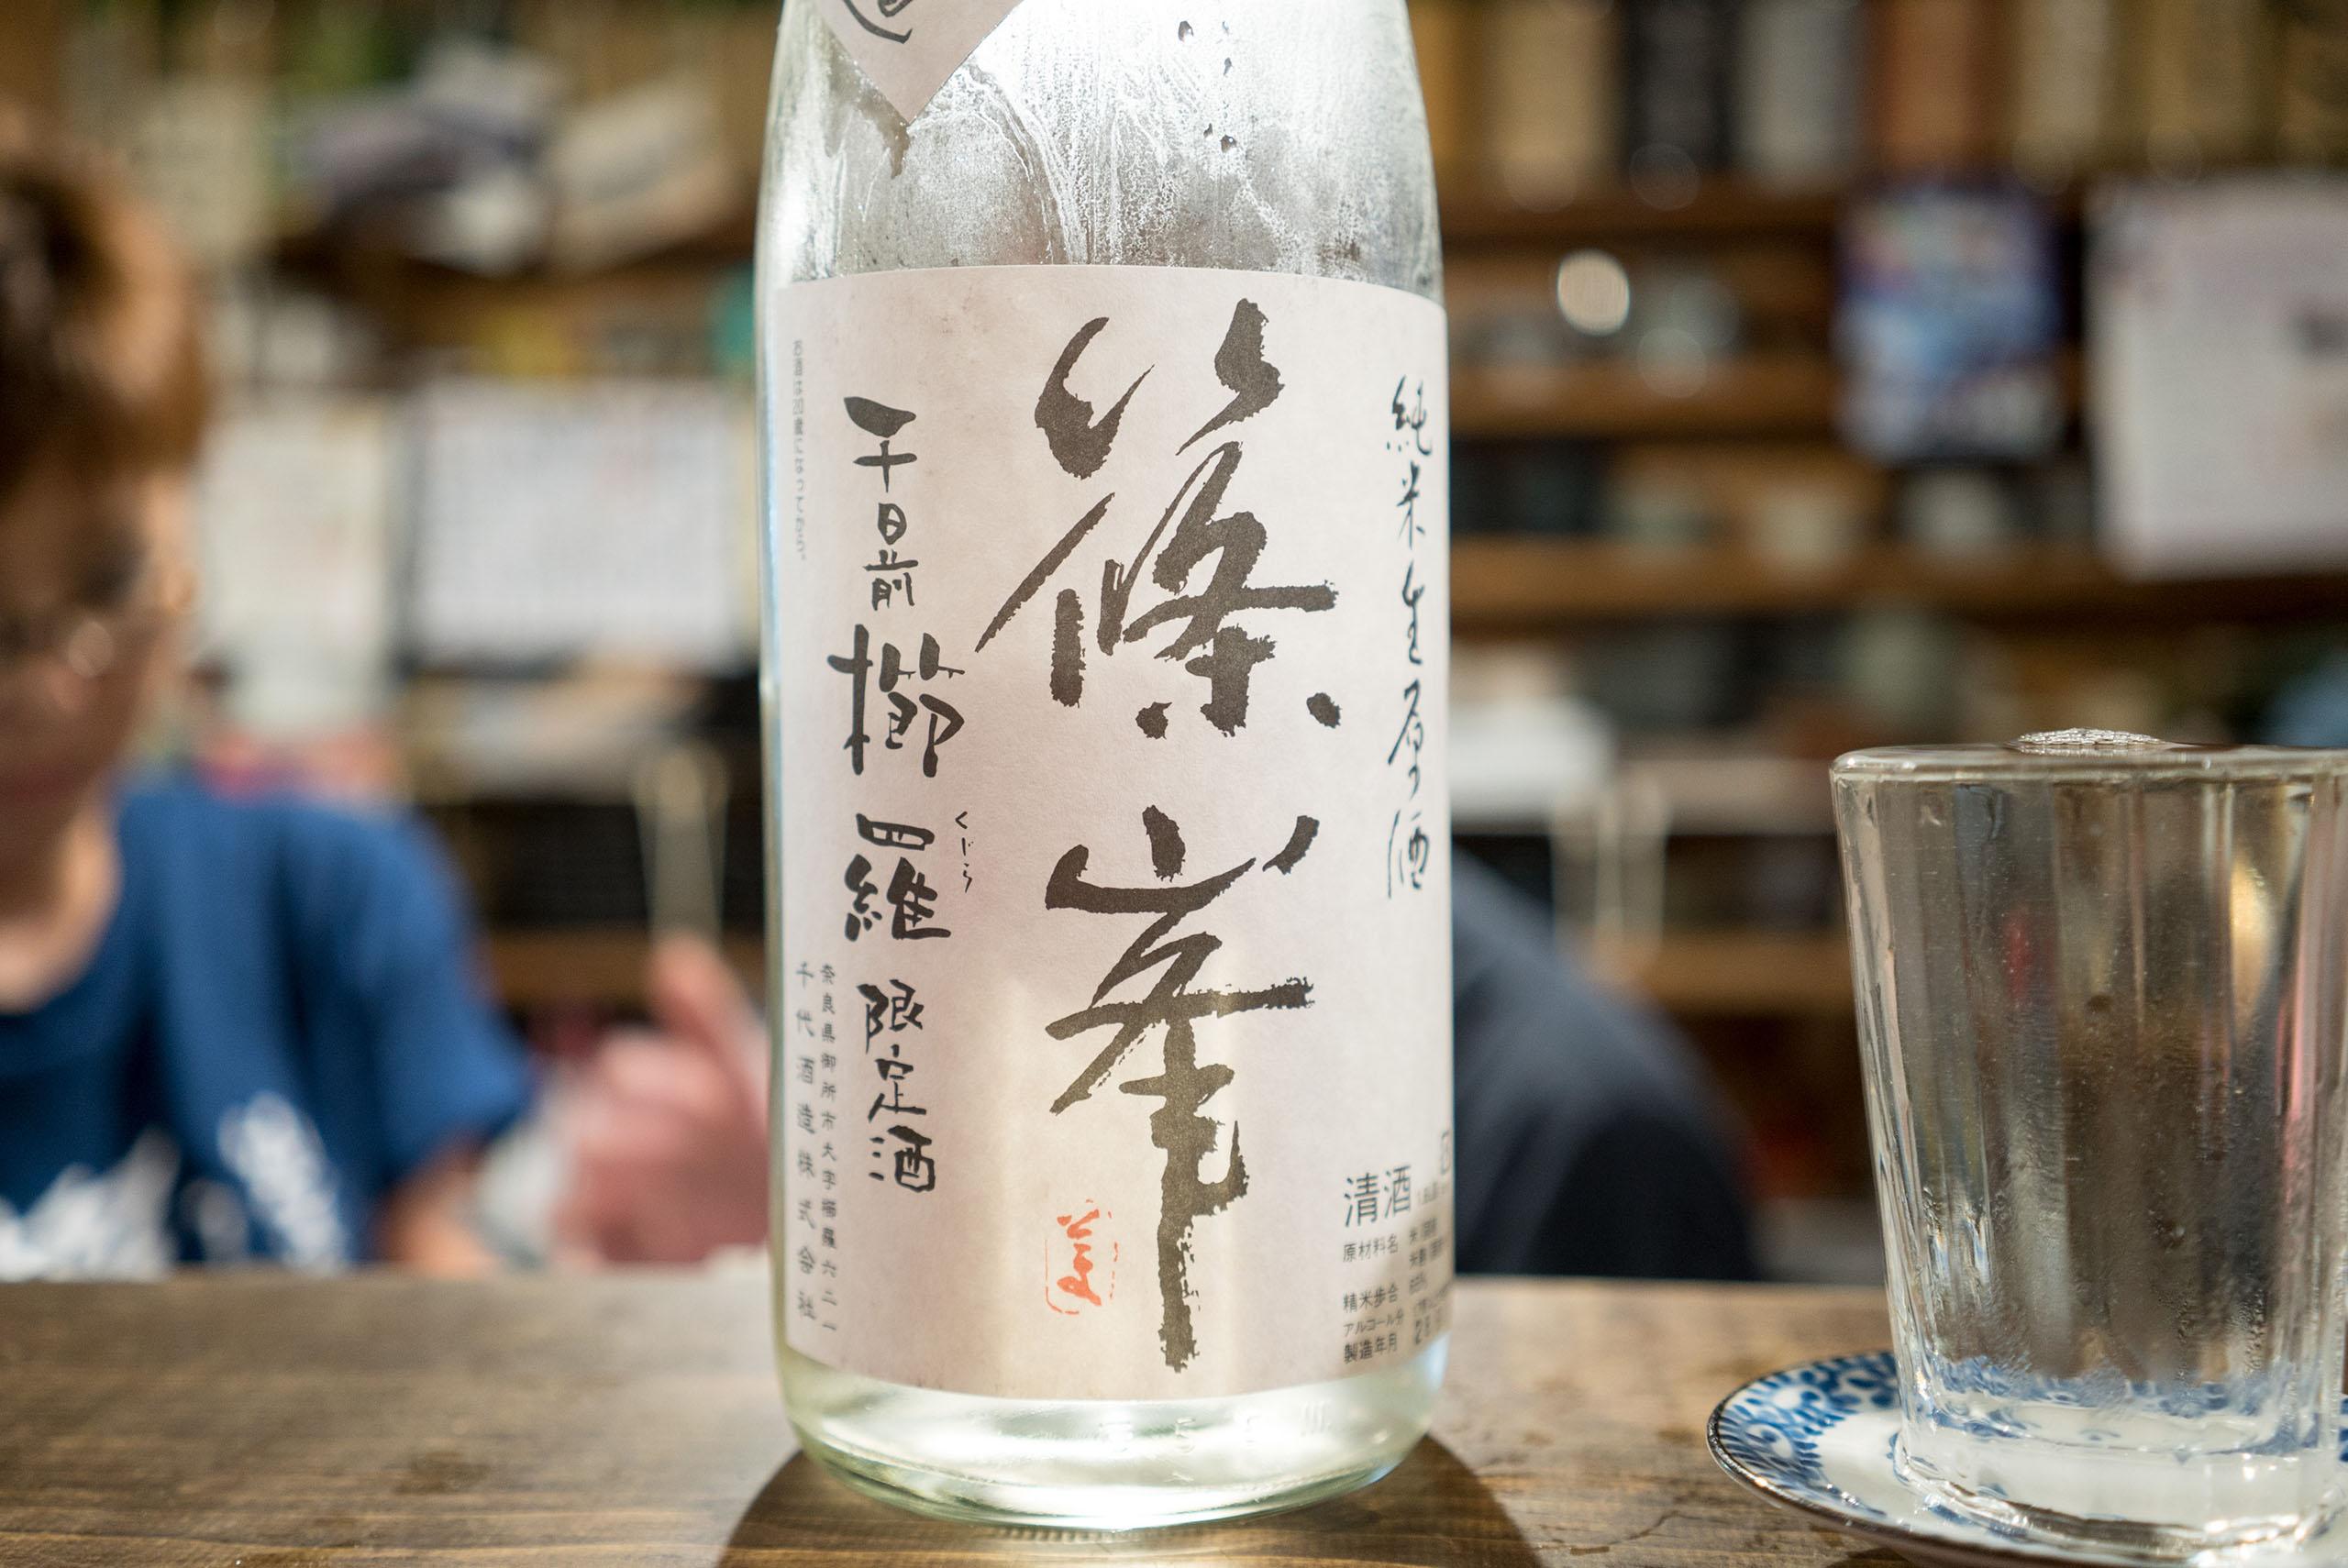 시노미네 쥰마이 지카쿠미 무로카나마겐슈 센니치마에 쿠지라 겐테이자케